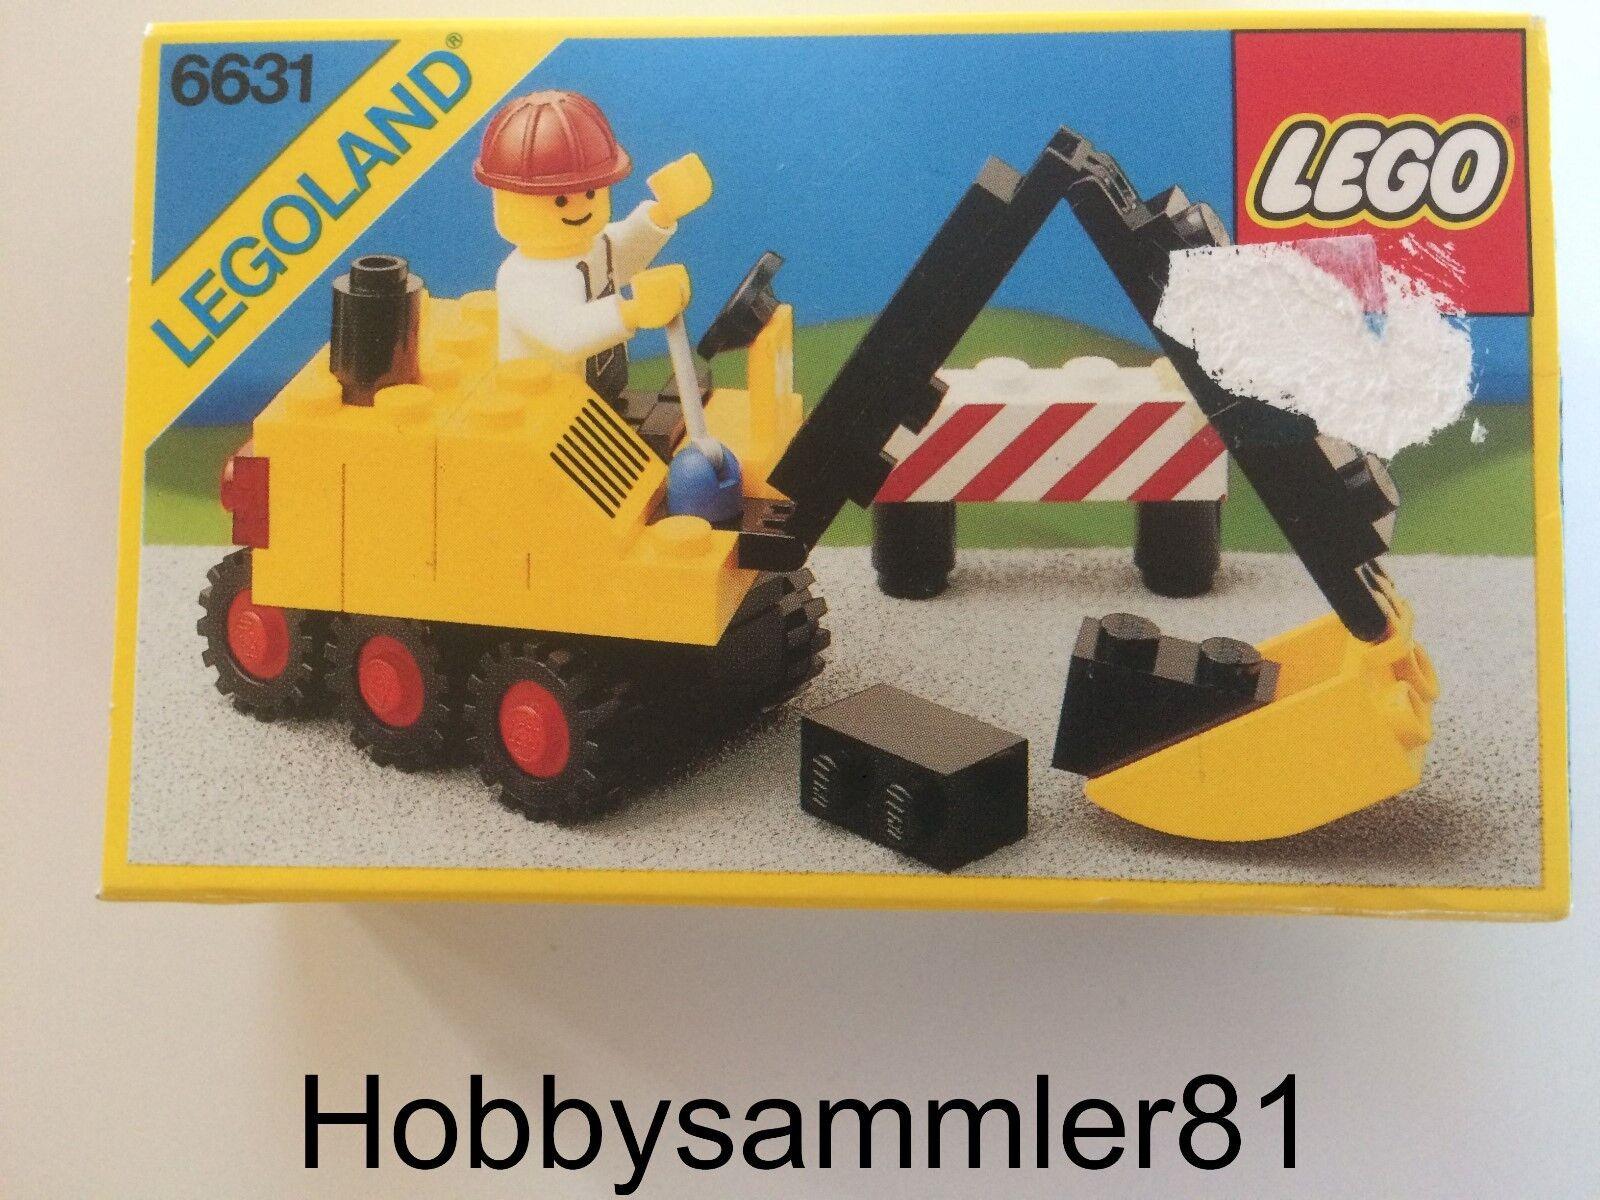 Lego® 6631 Legoland Steam Shovel   Dampf Mini Bagger   Neu und OVP